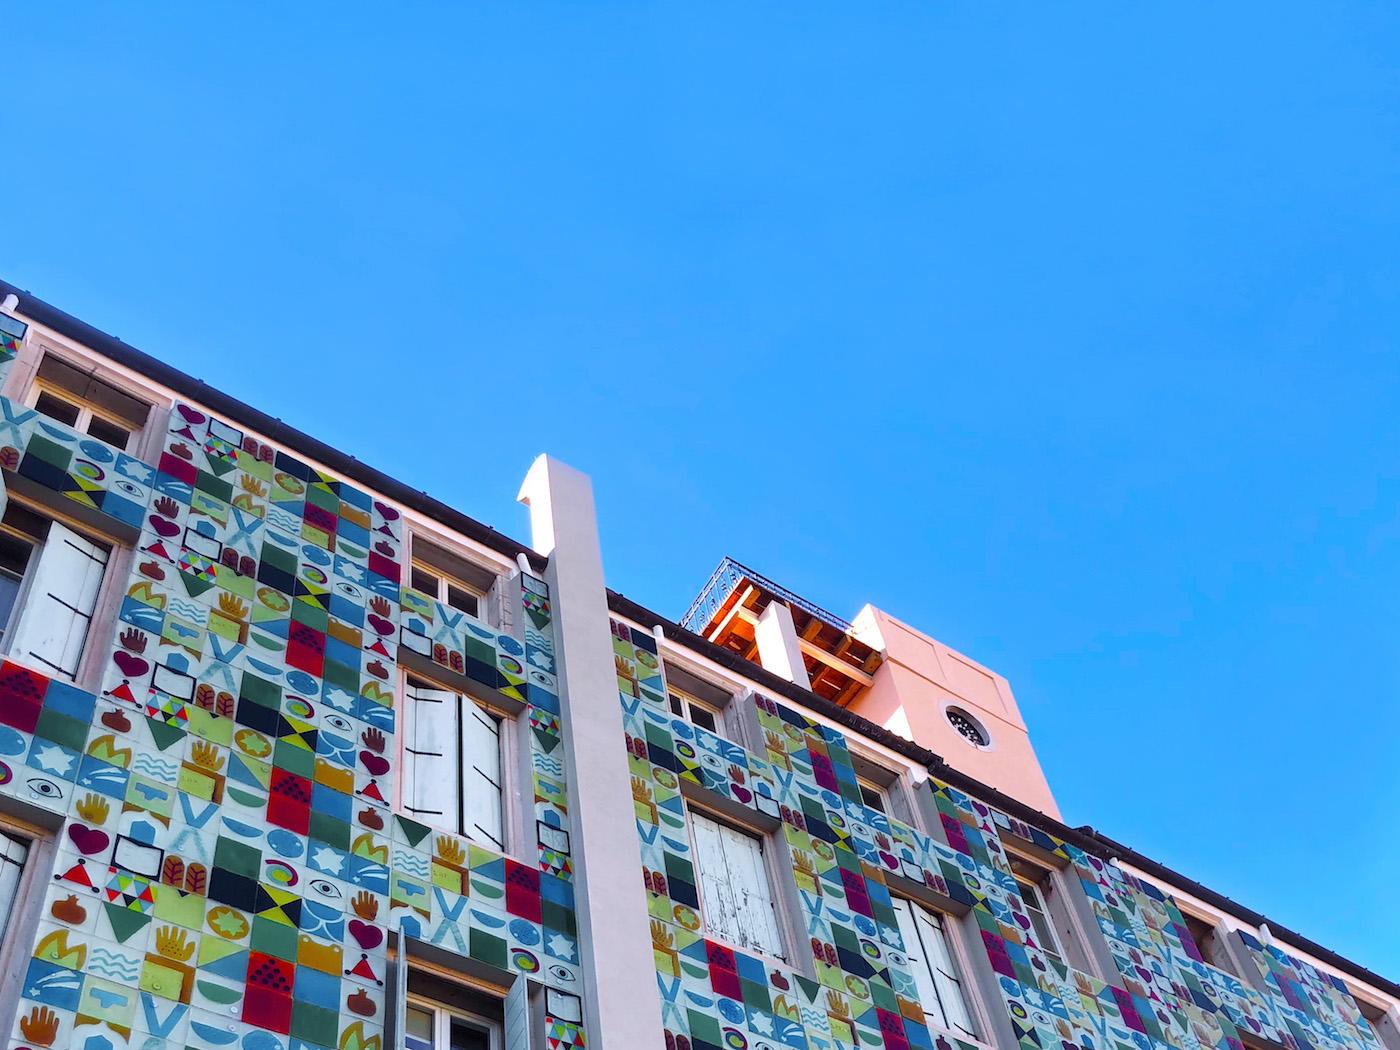 La facciata est dell'albergo, ideata da Joe Tilson